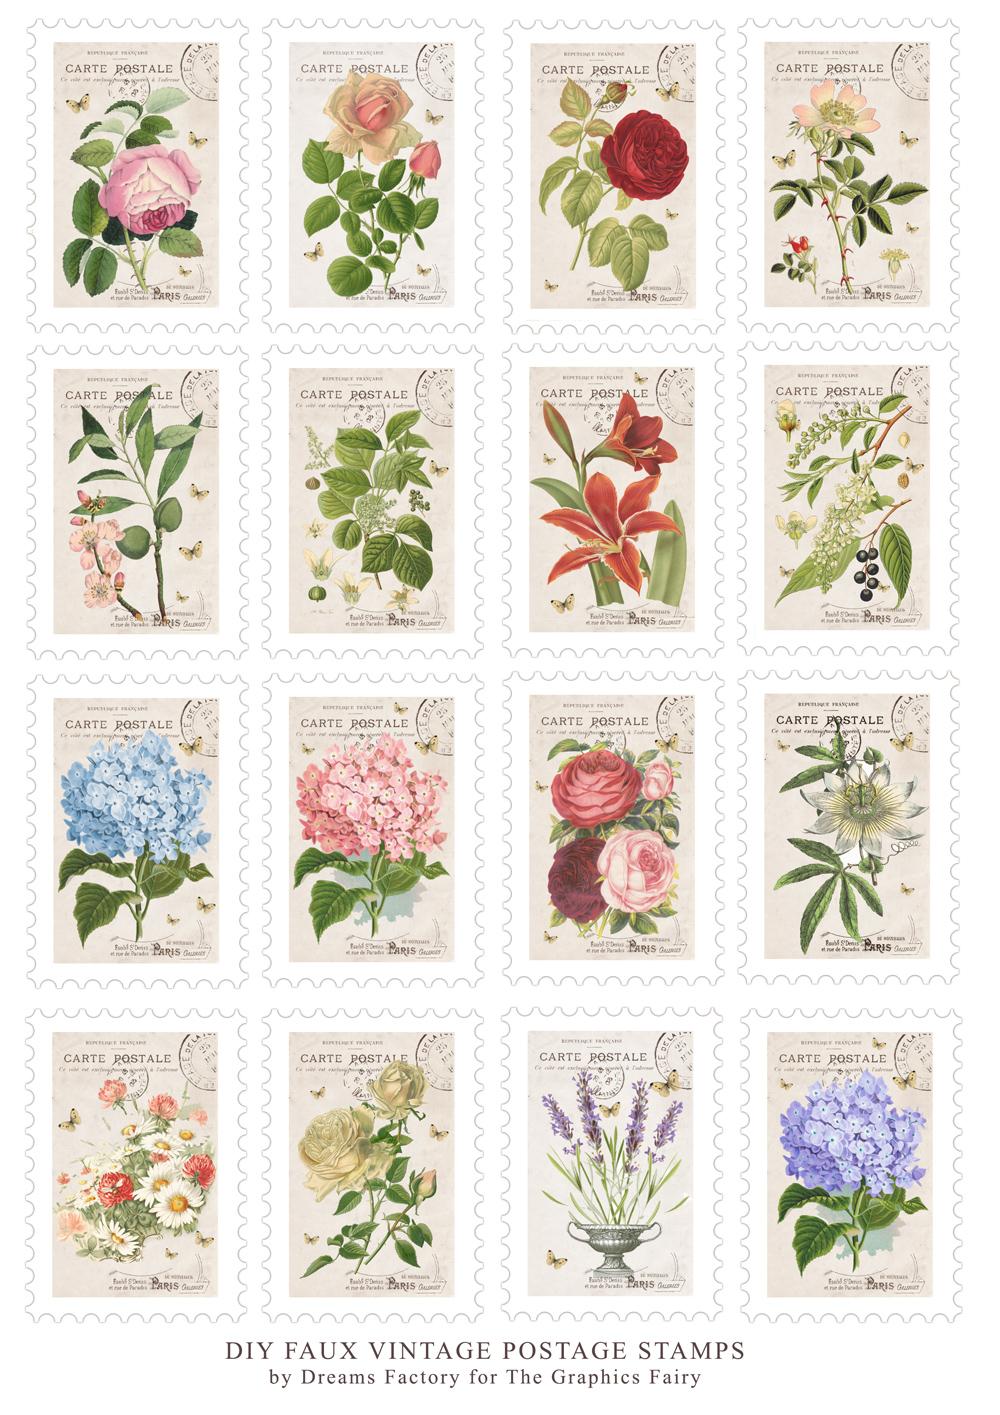 Diy Faux Vintage Postage Stamps Free Printable Free Printable The Graphics Fairy Vintage Postage Stamps Scrapbook Stickers Printable Vintage Stamps